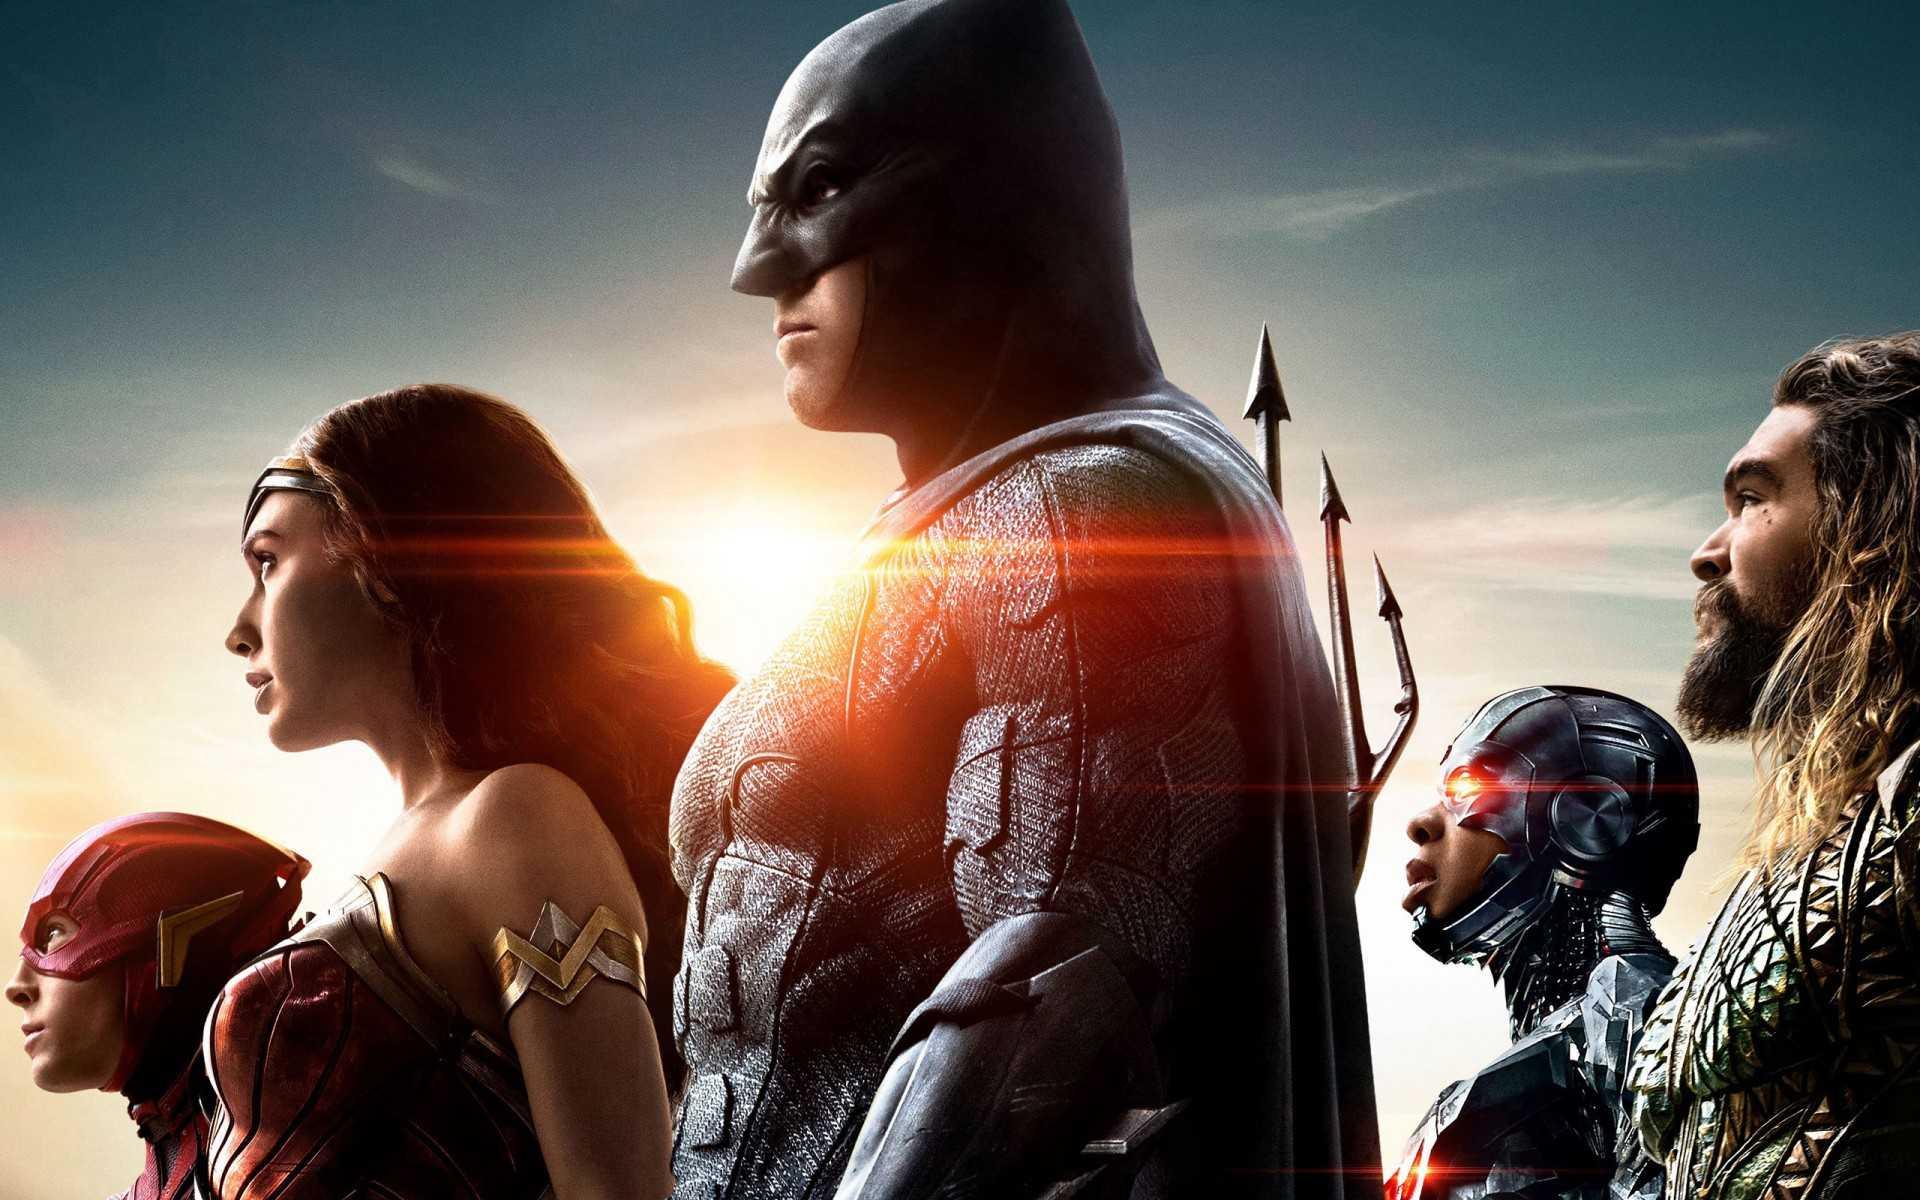 justice league 1080p download